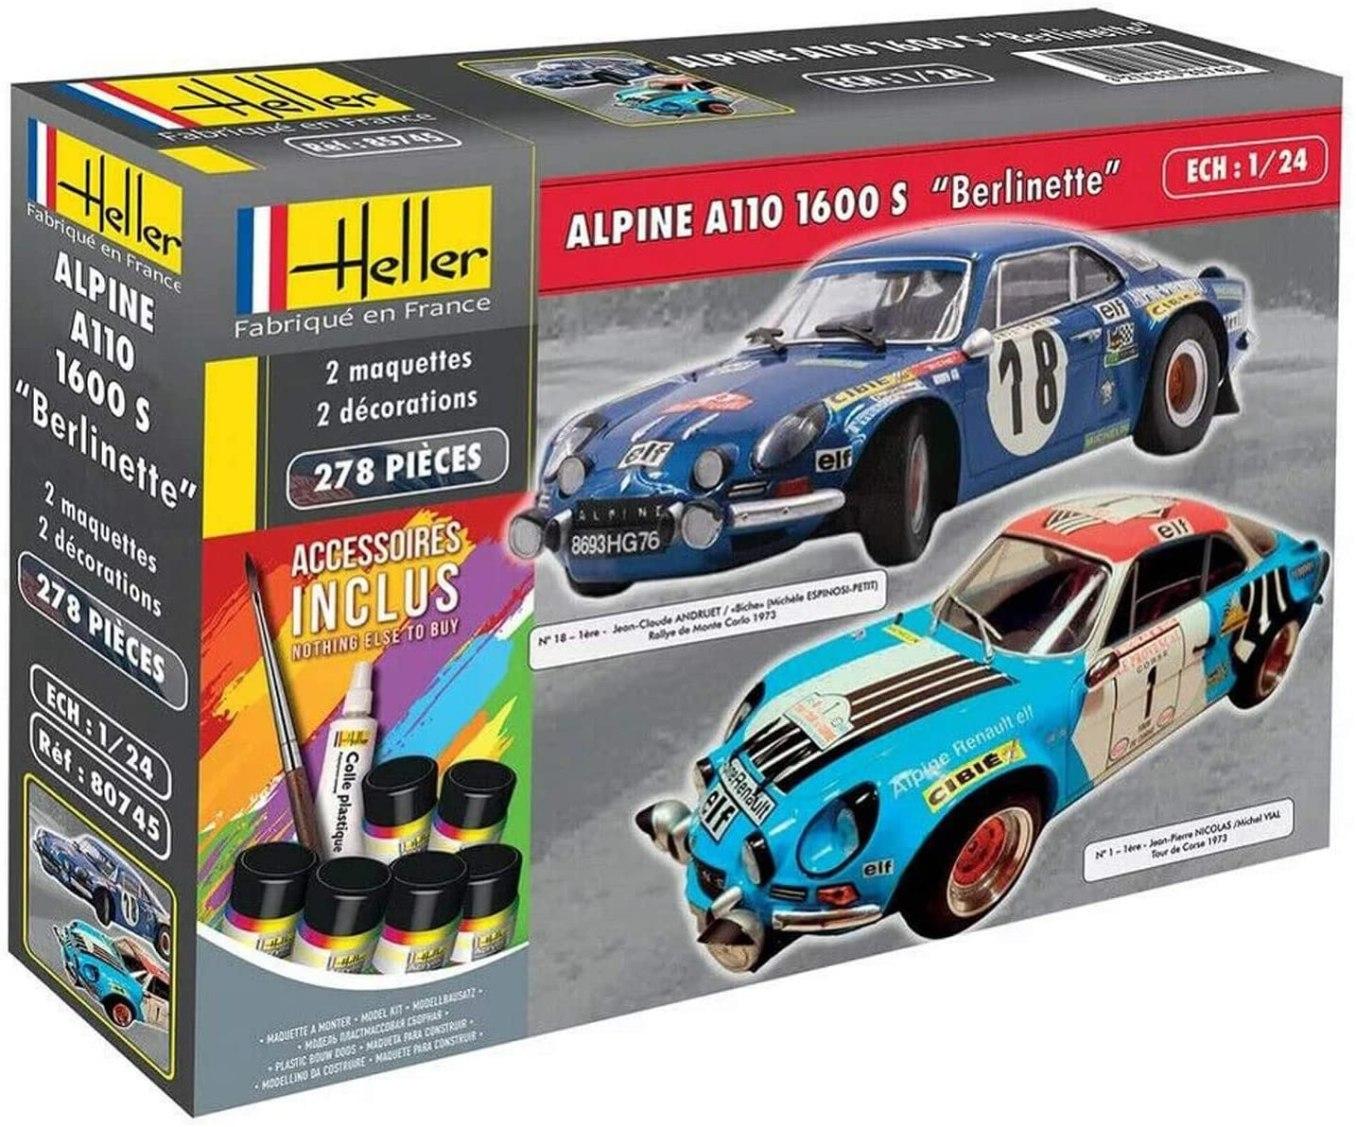 Heller Coffret 2 maquettes Voiture Alpine A110 1600S   30 idées de cadeaux de Noël pour les passionnés d'Alpine